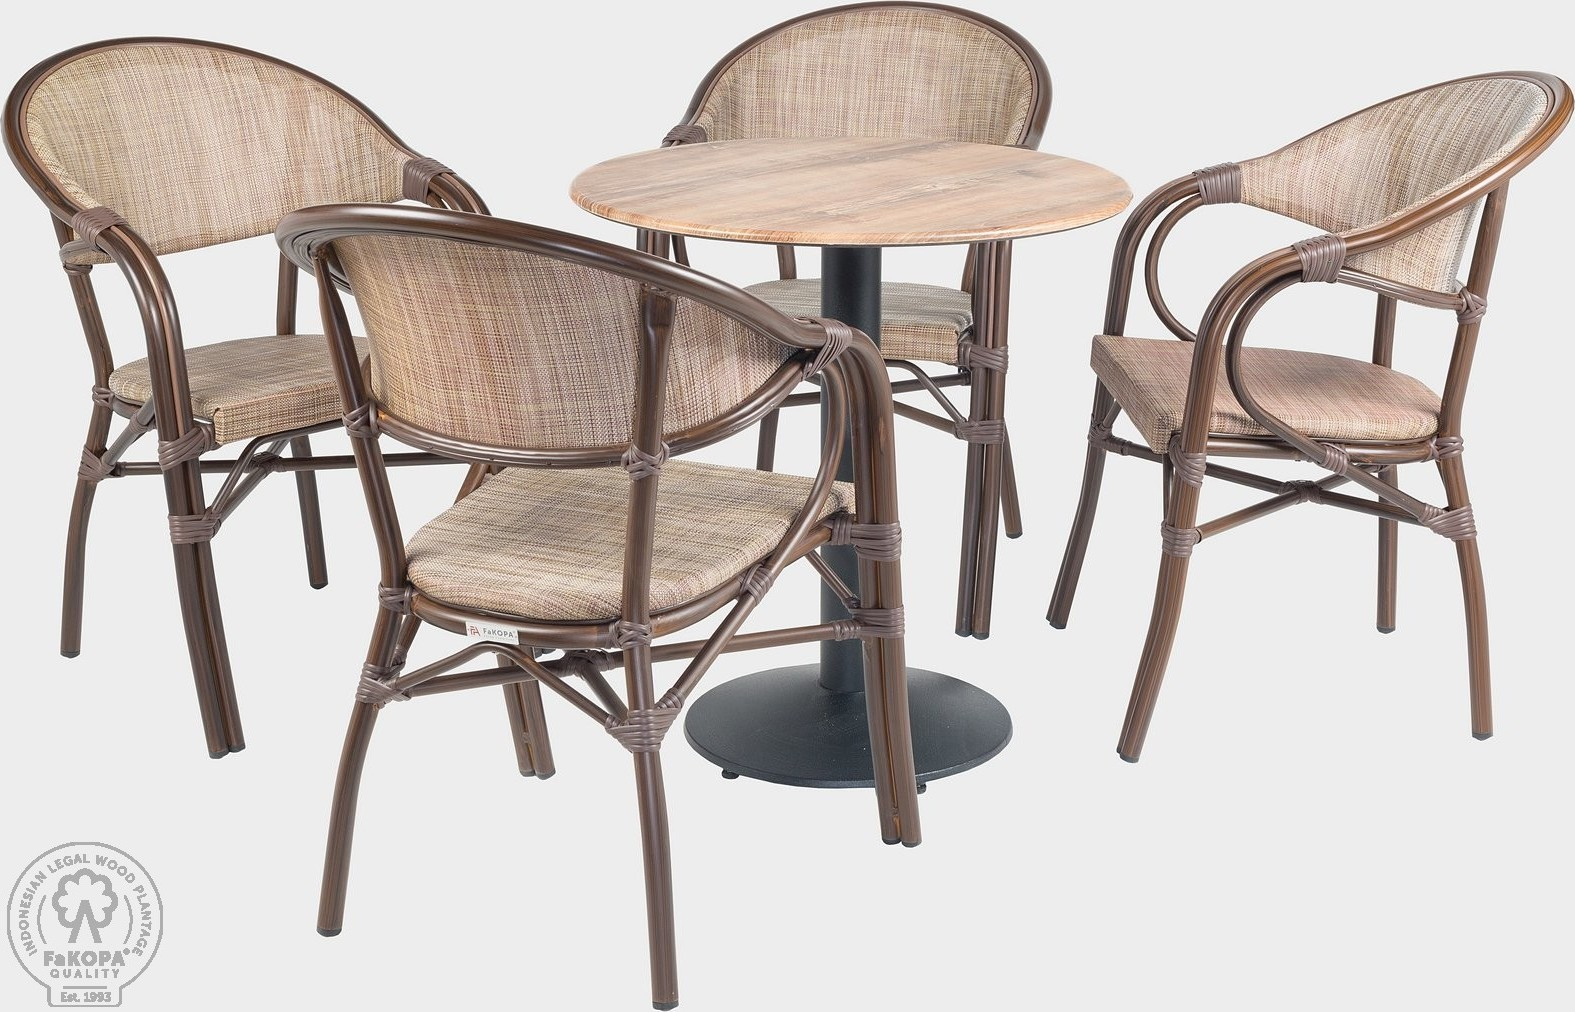 FaKOPA Venkovní set 4x křeslo stůl, do zátěžových prostor Luz